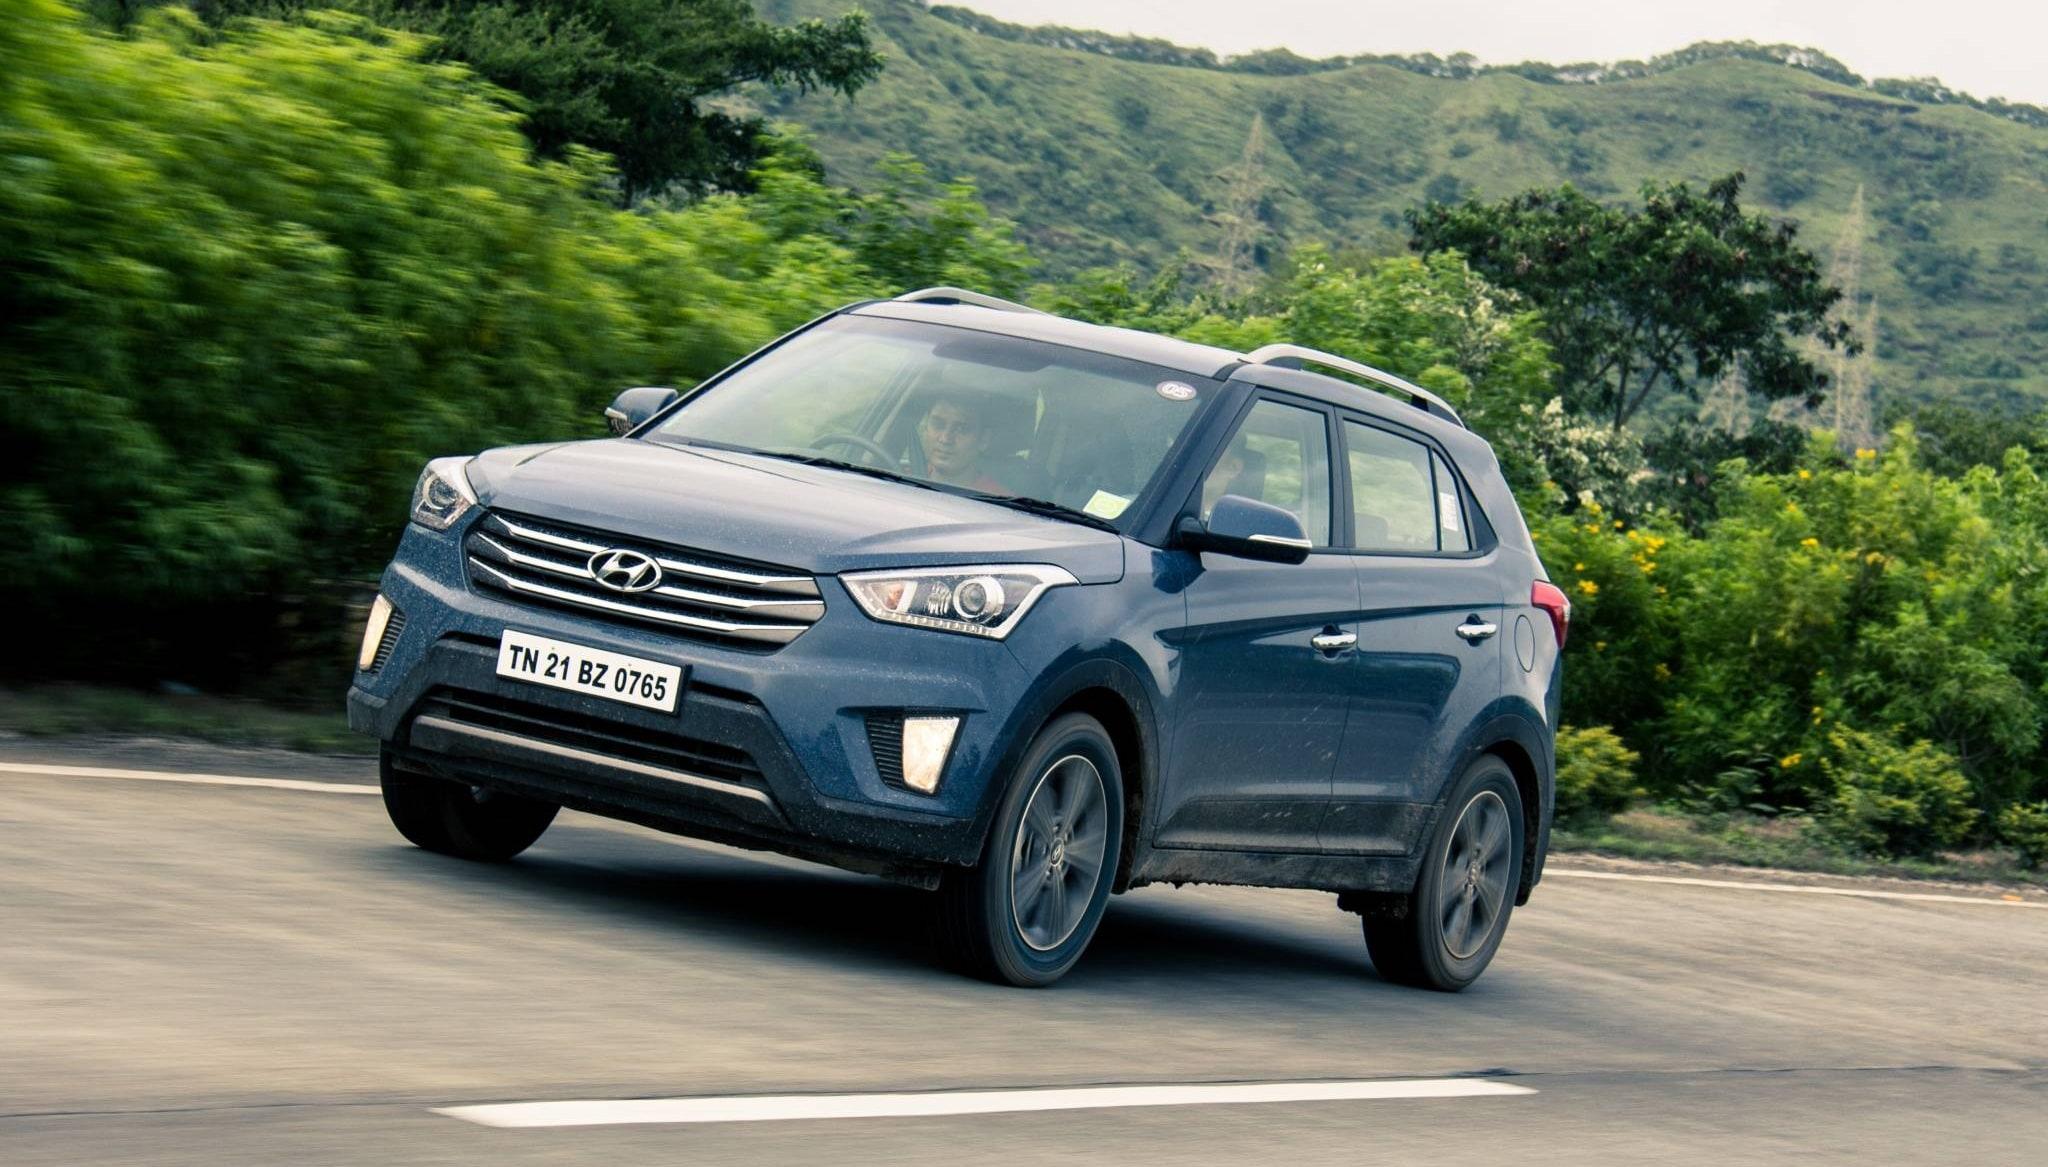 Hyundai Creta HD pictures